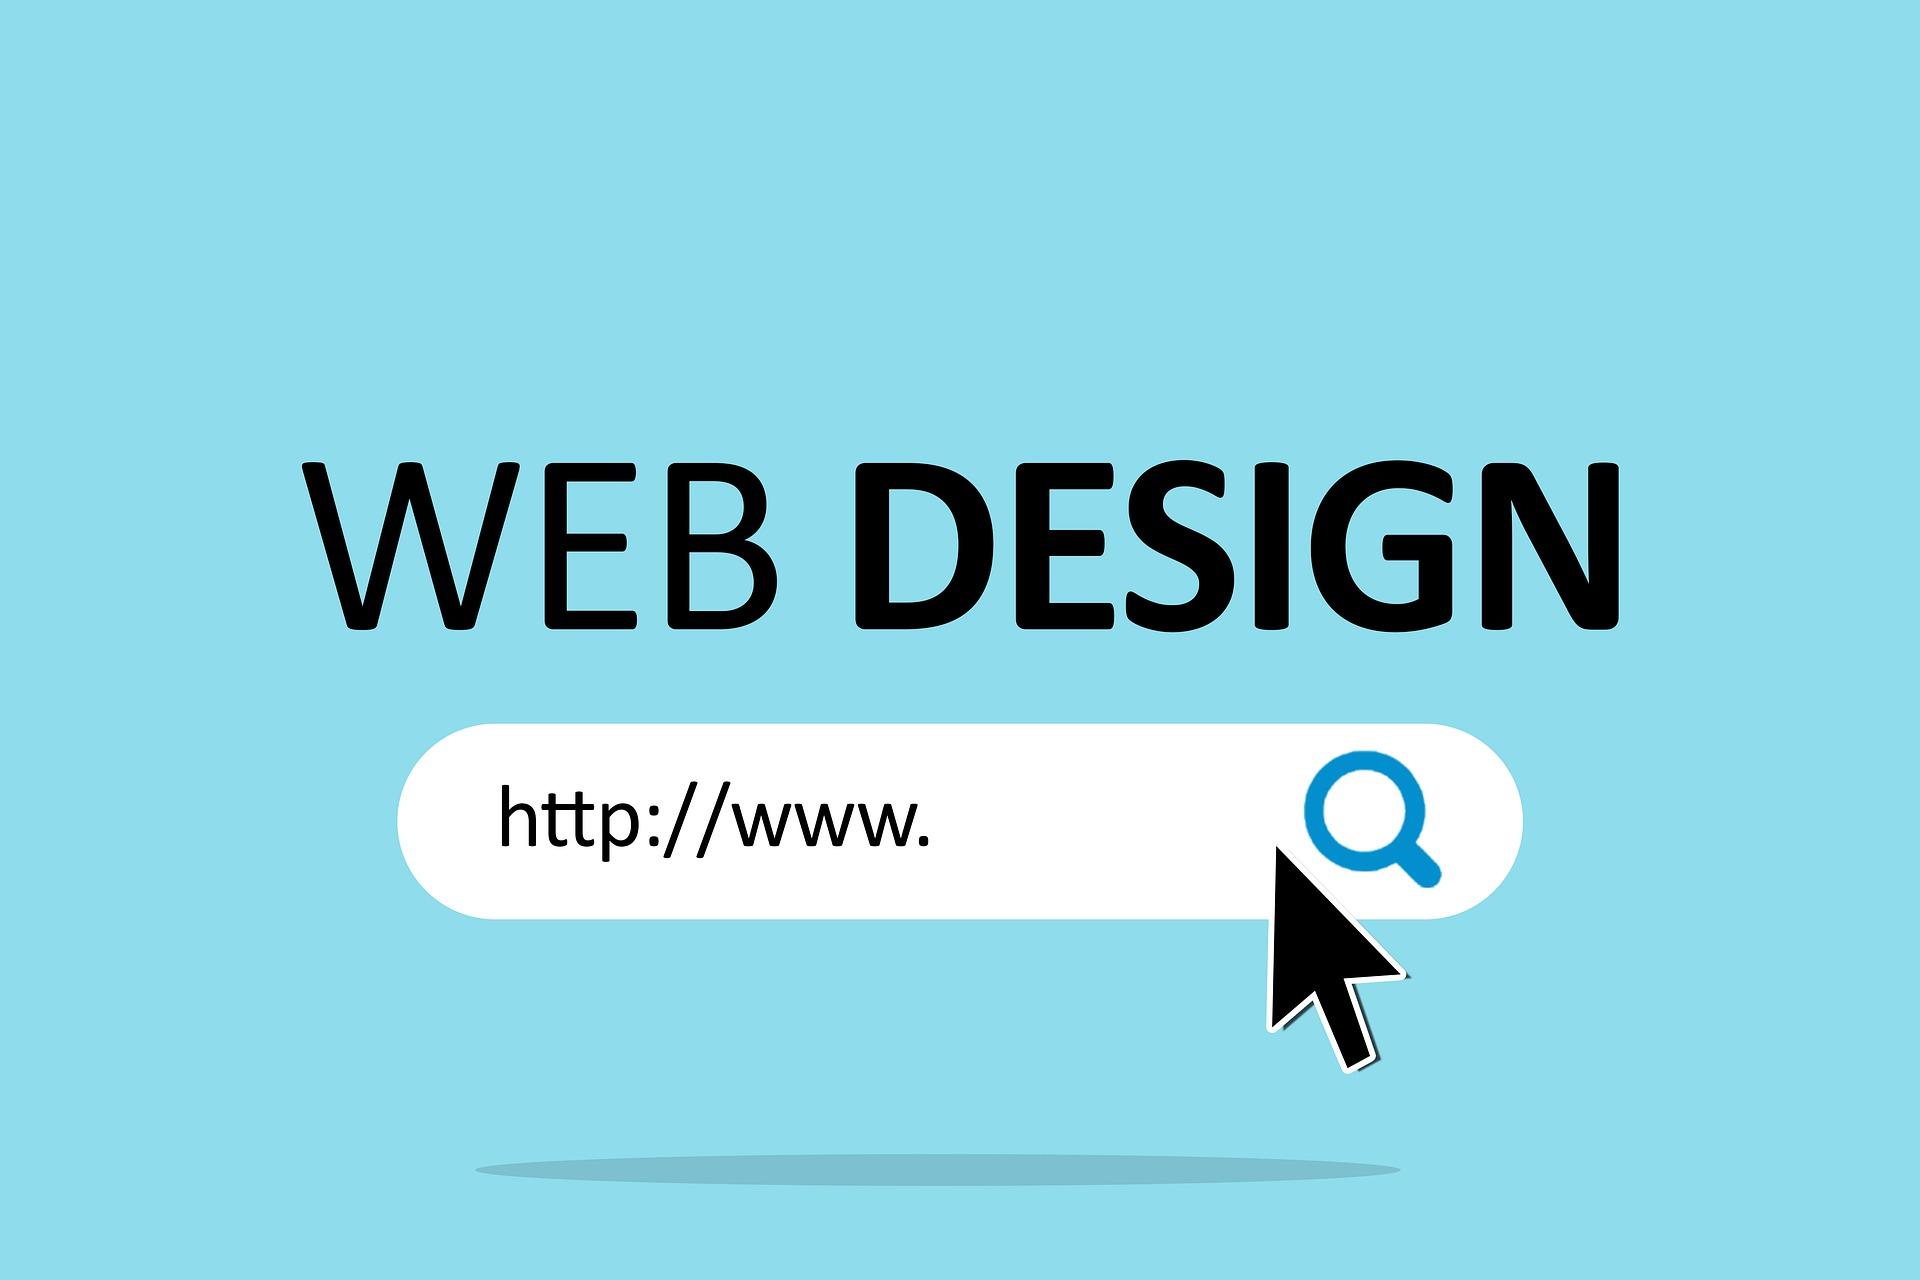 Web Design and Development company in Kolkata.